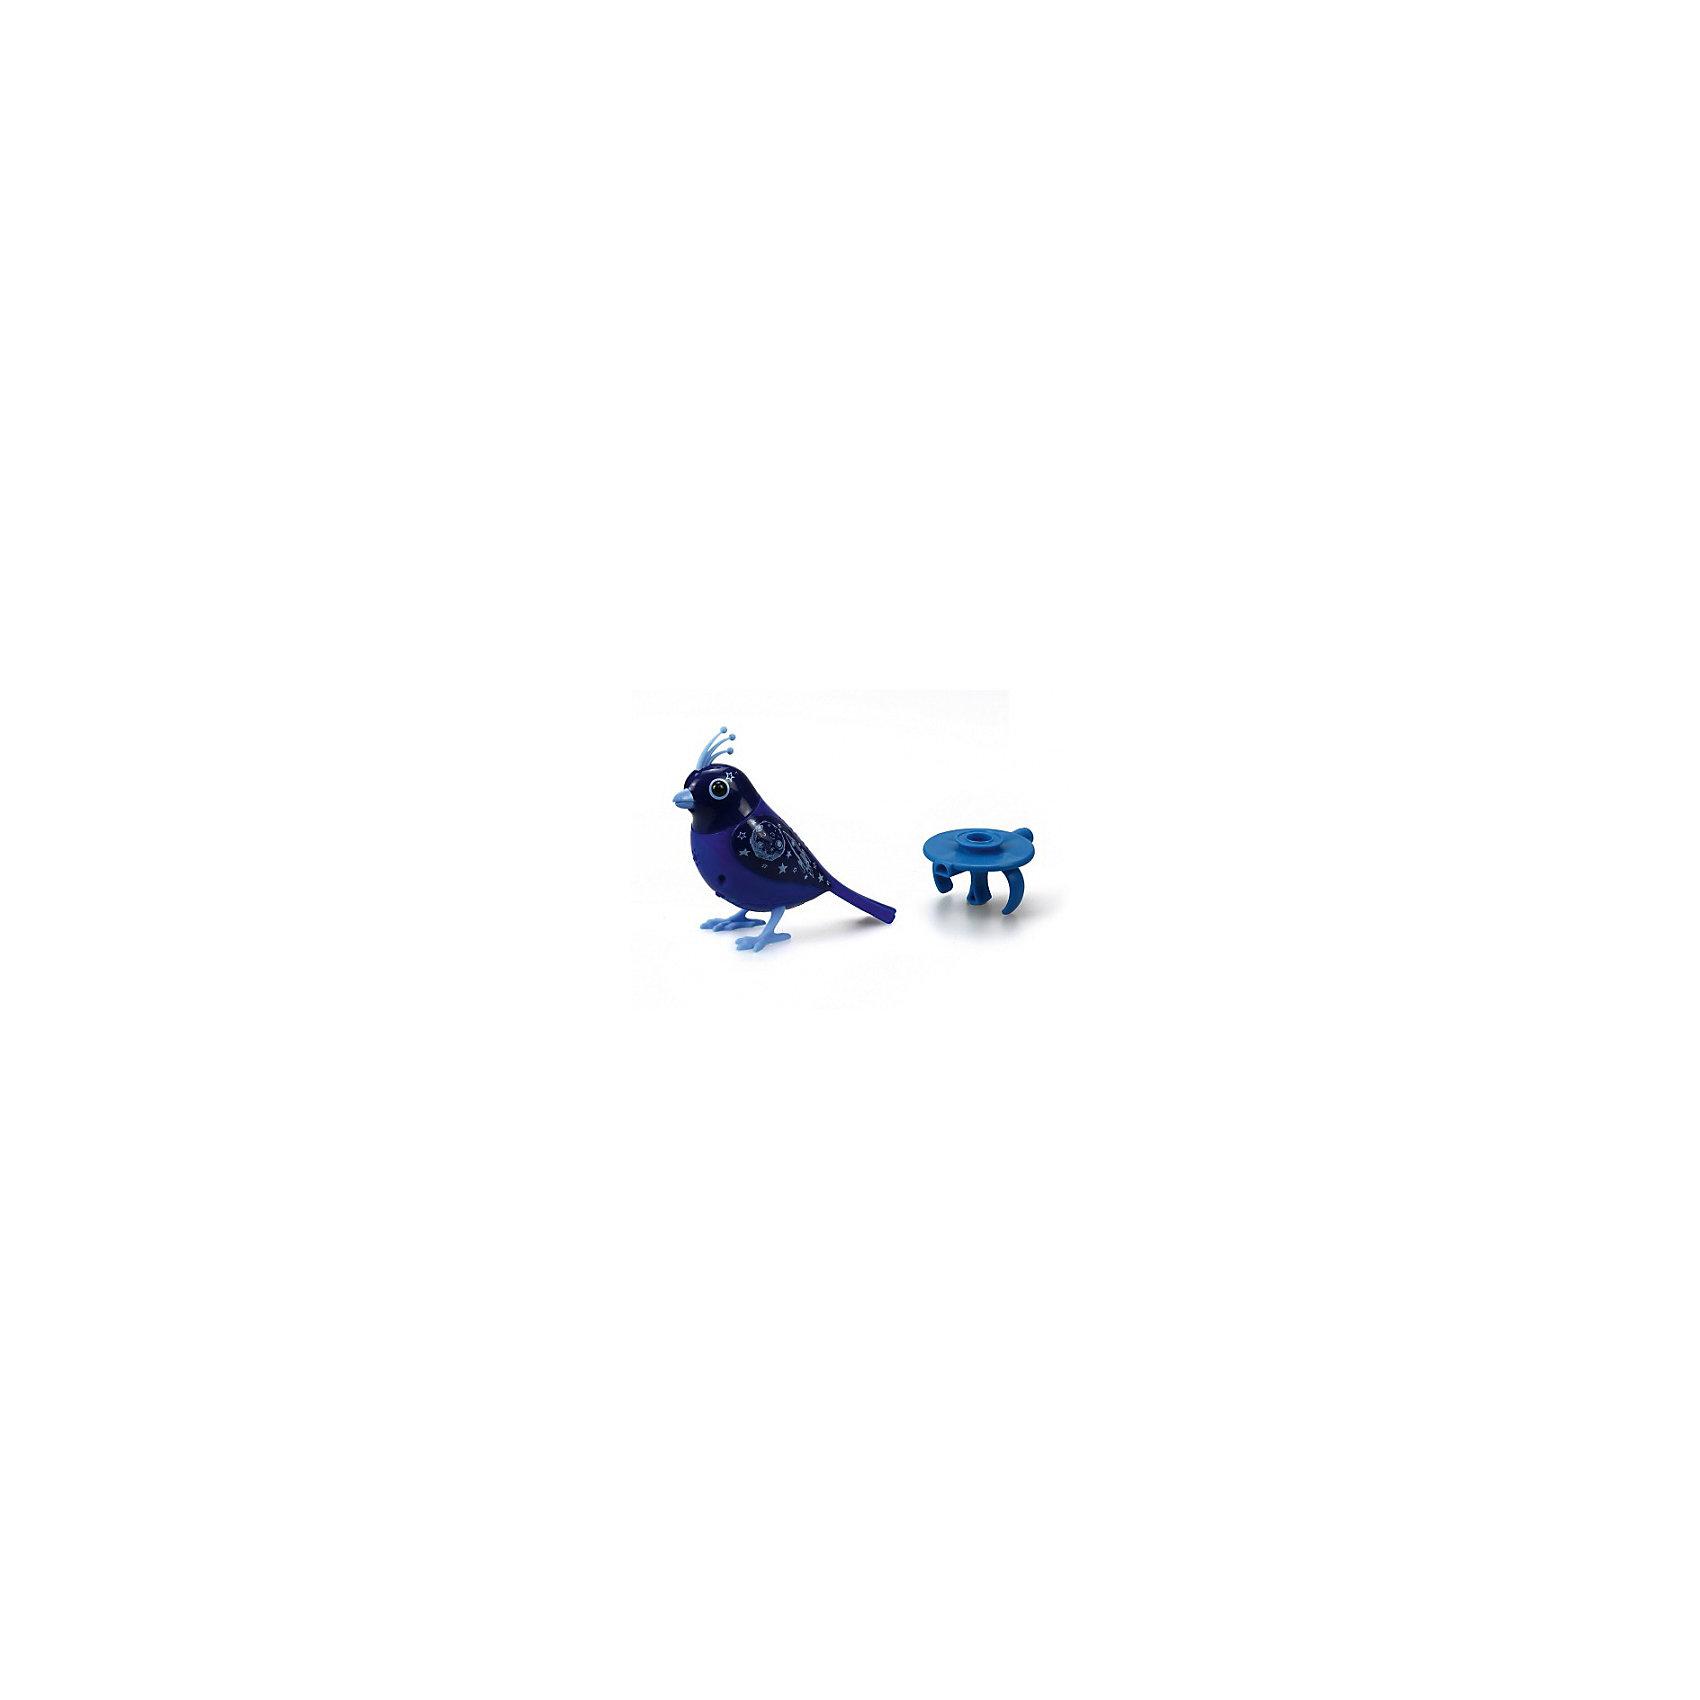 Поющая птичка с кольцом, синяя, DigiBirdsИнтерактивные животные<br>Поющая птичка с кольцом, синяя, DigiBirds, Silverlit (Сильверлит) ? музыкальная игрушка от мирового производителя детских товаров Silverlit (Сильверлит). Птичка оснащена световыми и звуковыми эффектами. Ее творческий репертуар состоит из 20 песенок, которые исполняются как в сольном виде, так и в хоровом. Птичка выполнена из высокопрочного пластика ярких расцветок. Активируется птичка тремя способами: на нее достаточно подуть или посвистеть в свисток, который идет в комплекте, или резко взмахнуть по воздуху, держа птичку в руке. <br>Поющая птичка с кольцом, синяя, DigiBirds, Silverlit (Сильверлит)  ? совершенно уникальная игрушка, которая не только развлекает вашего ребенка, но и занимается его музыкальным развитием. В первую очередь, она способствует формированию музыкального слуха и памяти. Простые действия: подуть в свисток, подуть на птичку ? простые, но очень эффективные упражнения, которые направлены на развитие речевого аппарата.<br>Поющая птичка с кольцом, синяя, DigiBirds, Silverlit (Сильверлит) ? это миниатюрный музыкальный центр для вашего ребенка.<br><br>Дополнительная информация:<br><br>- Вид игр: сюжетно-ролевые игры <br>- Предназначение: для дома<br>- Дополнительные функции: синхронизация со всеми персонажами DigiFriends<br>- Батарейки: 3 шт. LR44<br>- Материал: высококачественный пластик<br>- Размер (ДхШхВ): 6,4*15,2*10,2 см<br>- Вес: 91 г<br>- Комплектация: птичка, свисток-кольцо, инструкция, батарейки<br>- Особенности ухода: протирать влажной губкой<br><br>ВНИМАНИЕ! Данный артикул имеется в наличии в разных цветовых исполнениях (сиреневый, синий, красный, розовый). К сожалению, заранее выбрать определенный цвет невозможно. <br><br>Подробнее:<br><br>• Для детей в возрасте: от 3 лет и до 7 лет <br>• Страна производитель: Китай<br>• Торговый бренд: Silverlit<br><br>Поющую птичку с кольцом, синюю, DigiBirds, Silverlit (Сильверлит) можно купить в нашем интернет-магазине.<br><br>Ширина мм